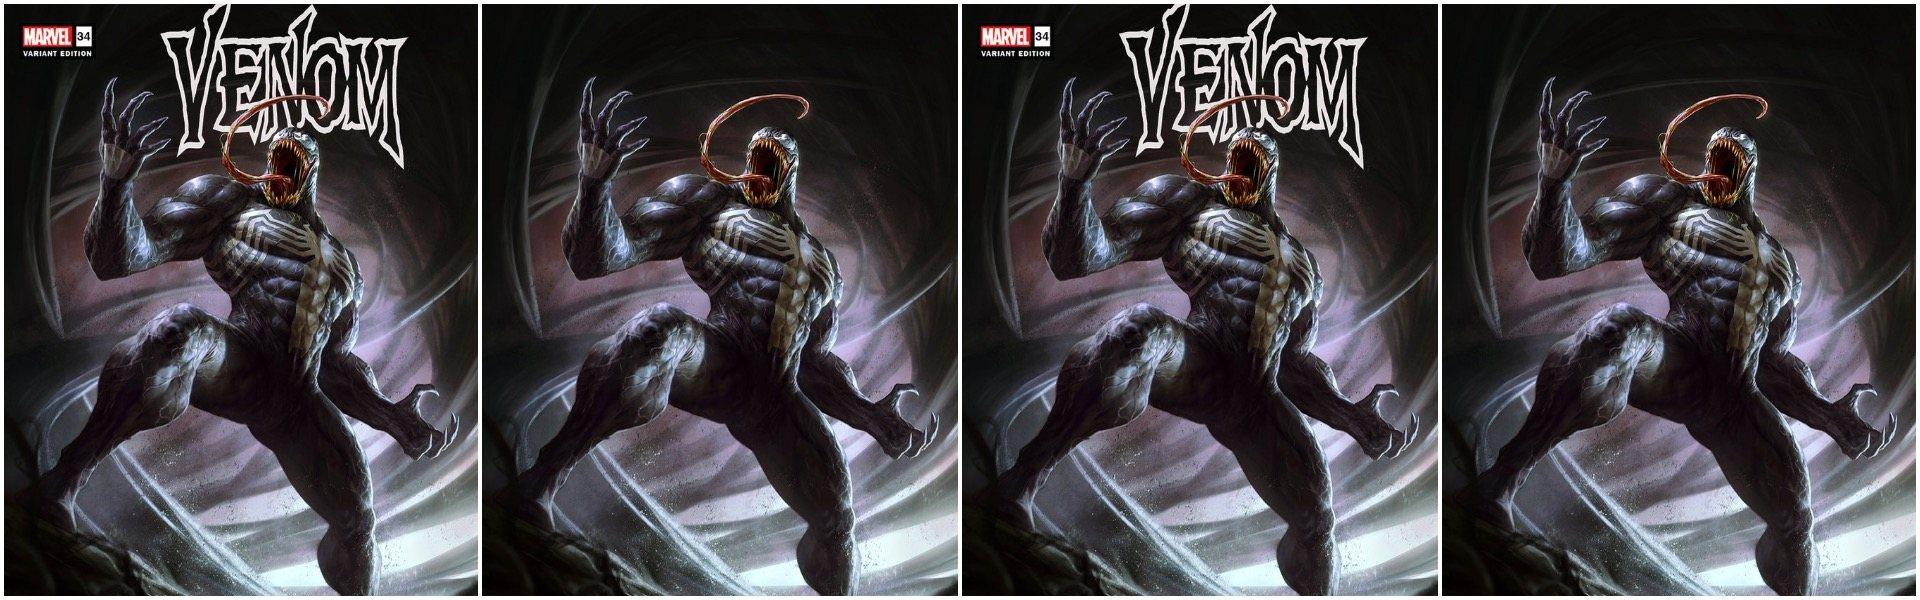 Venom #34 Dave Rapoza Variants